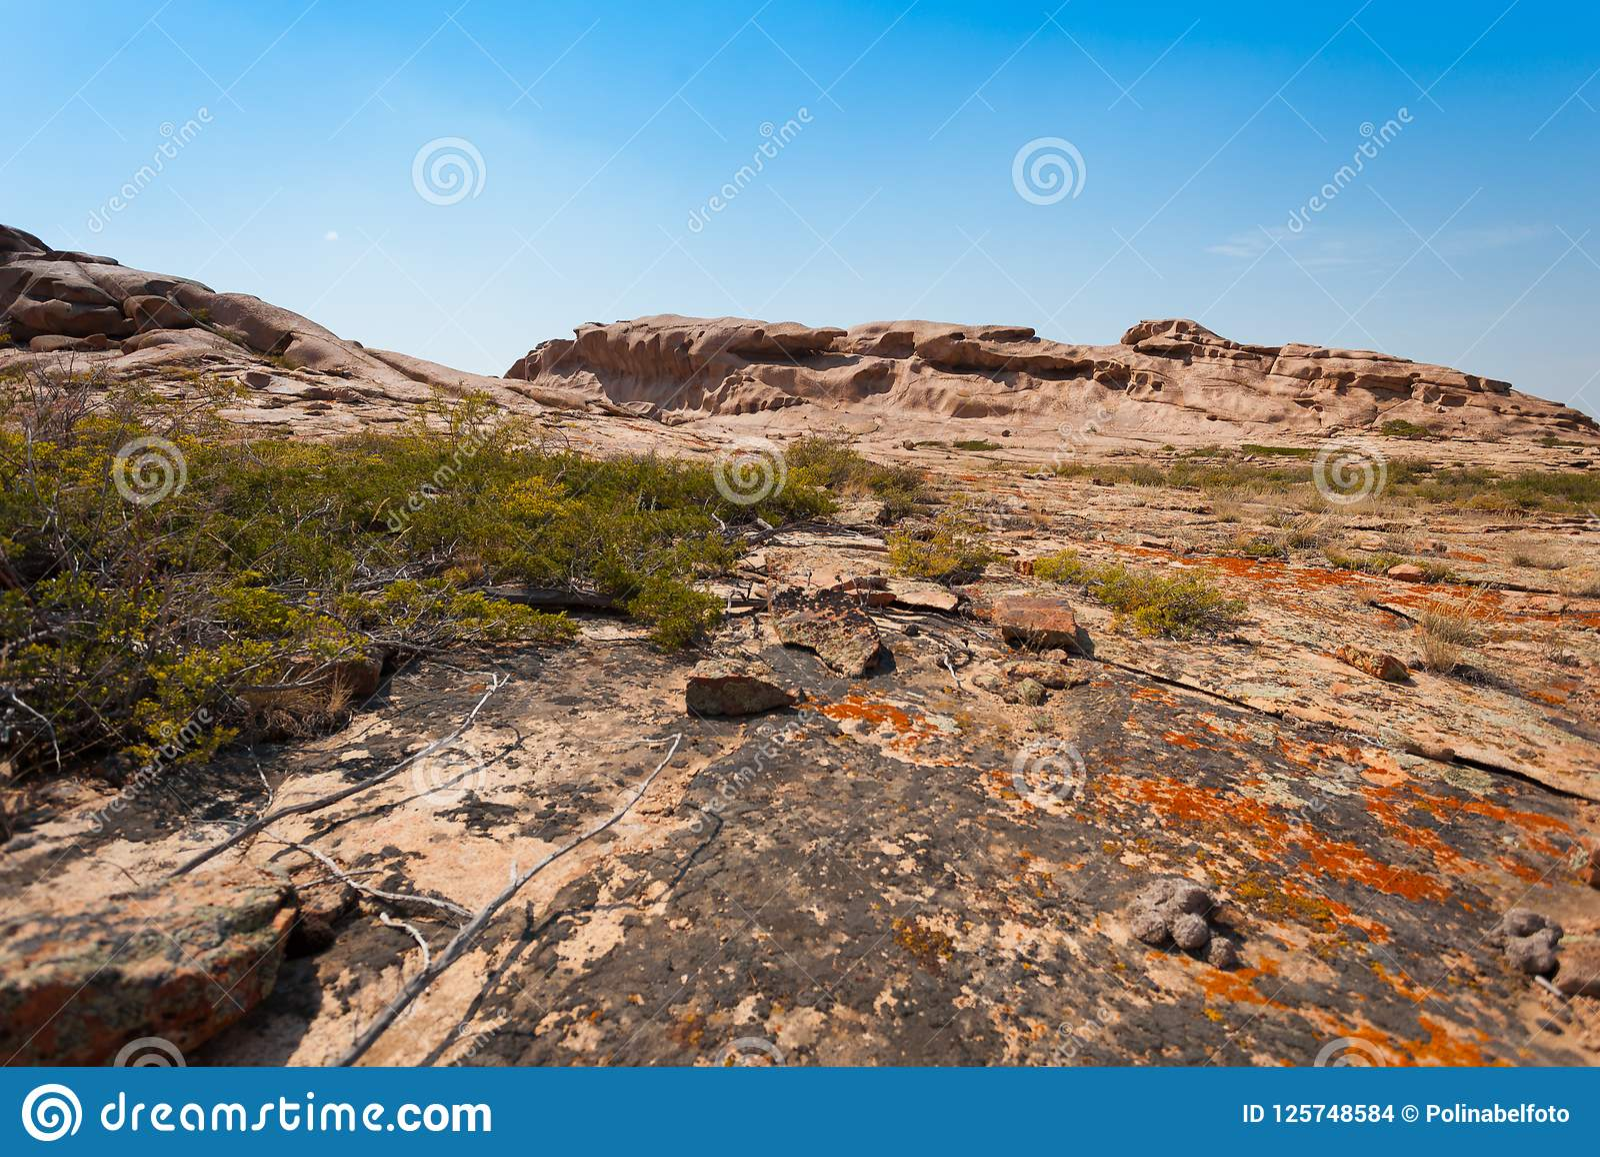 En växer på stenar med laven och mossa på bakgrunden av berg